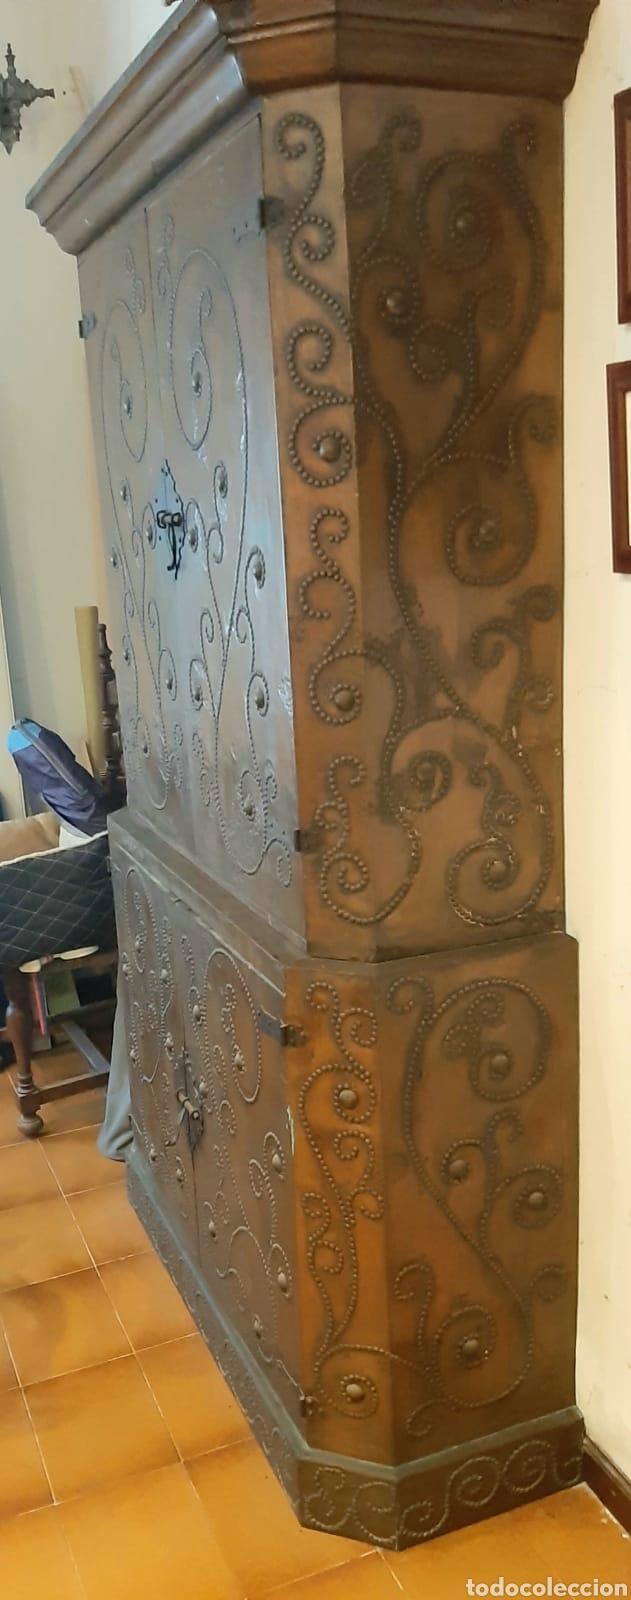 Antigüedades: Mueble antiguo aparador con lamina de cobre martillado - Foto 3 - 172112949